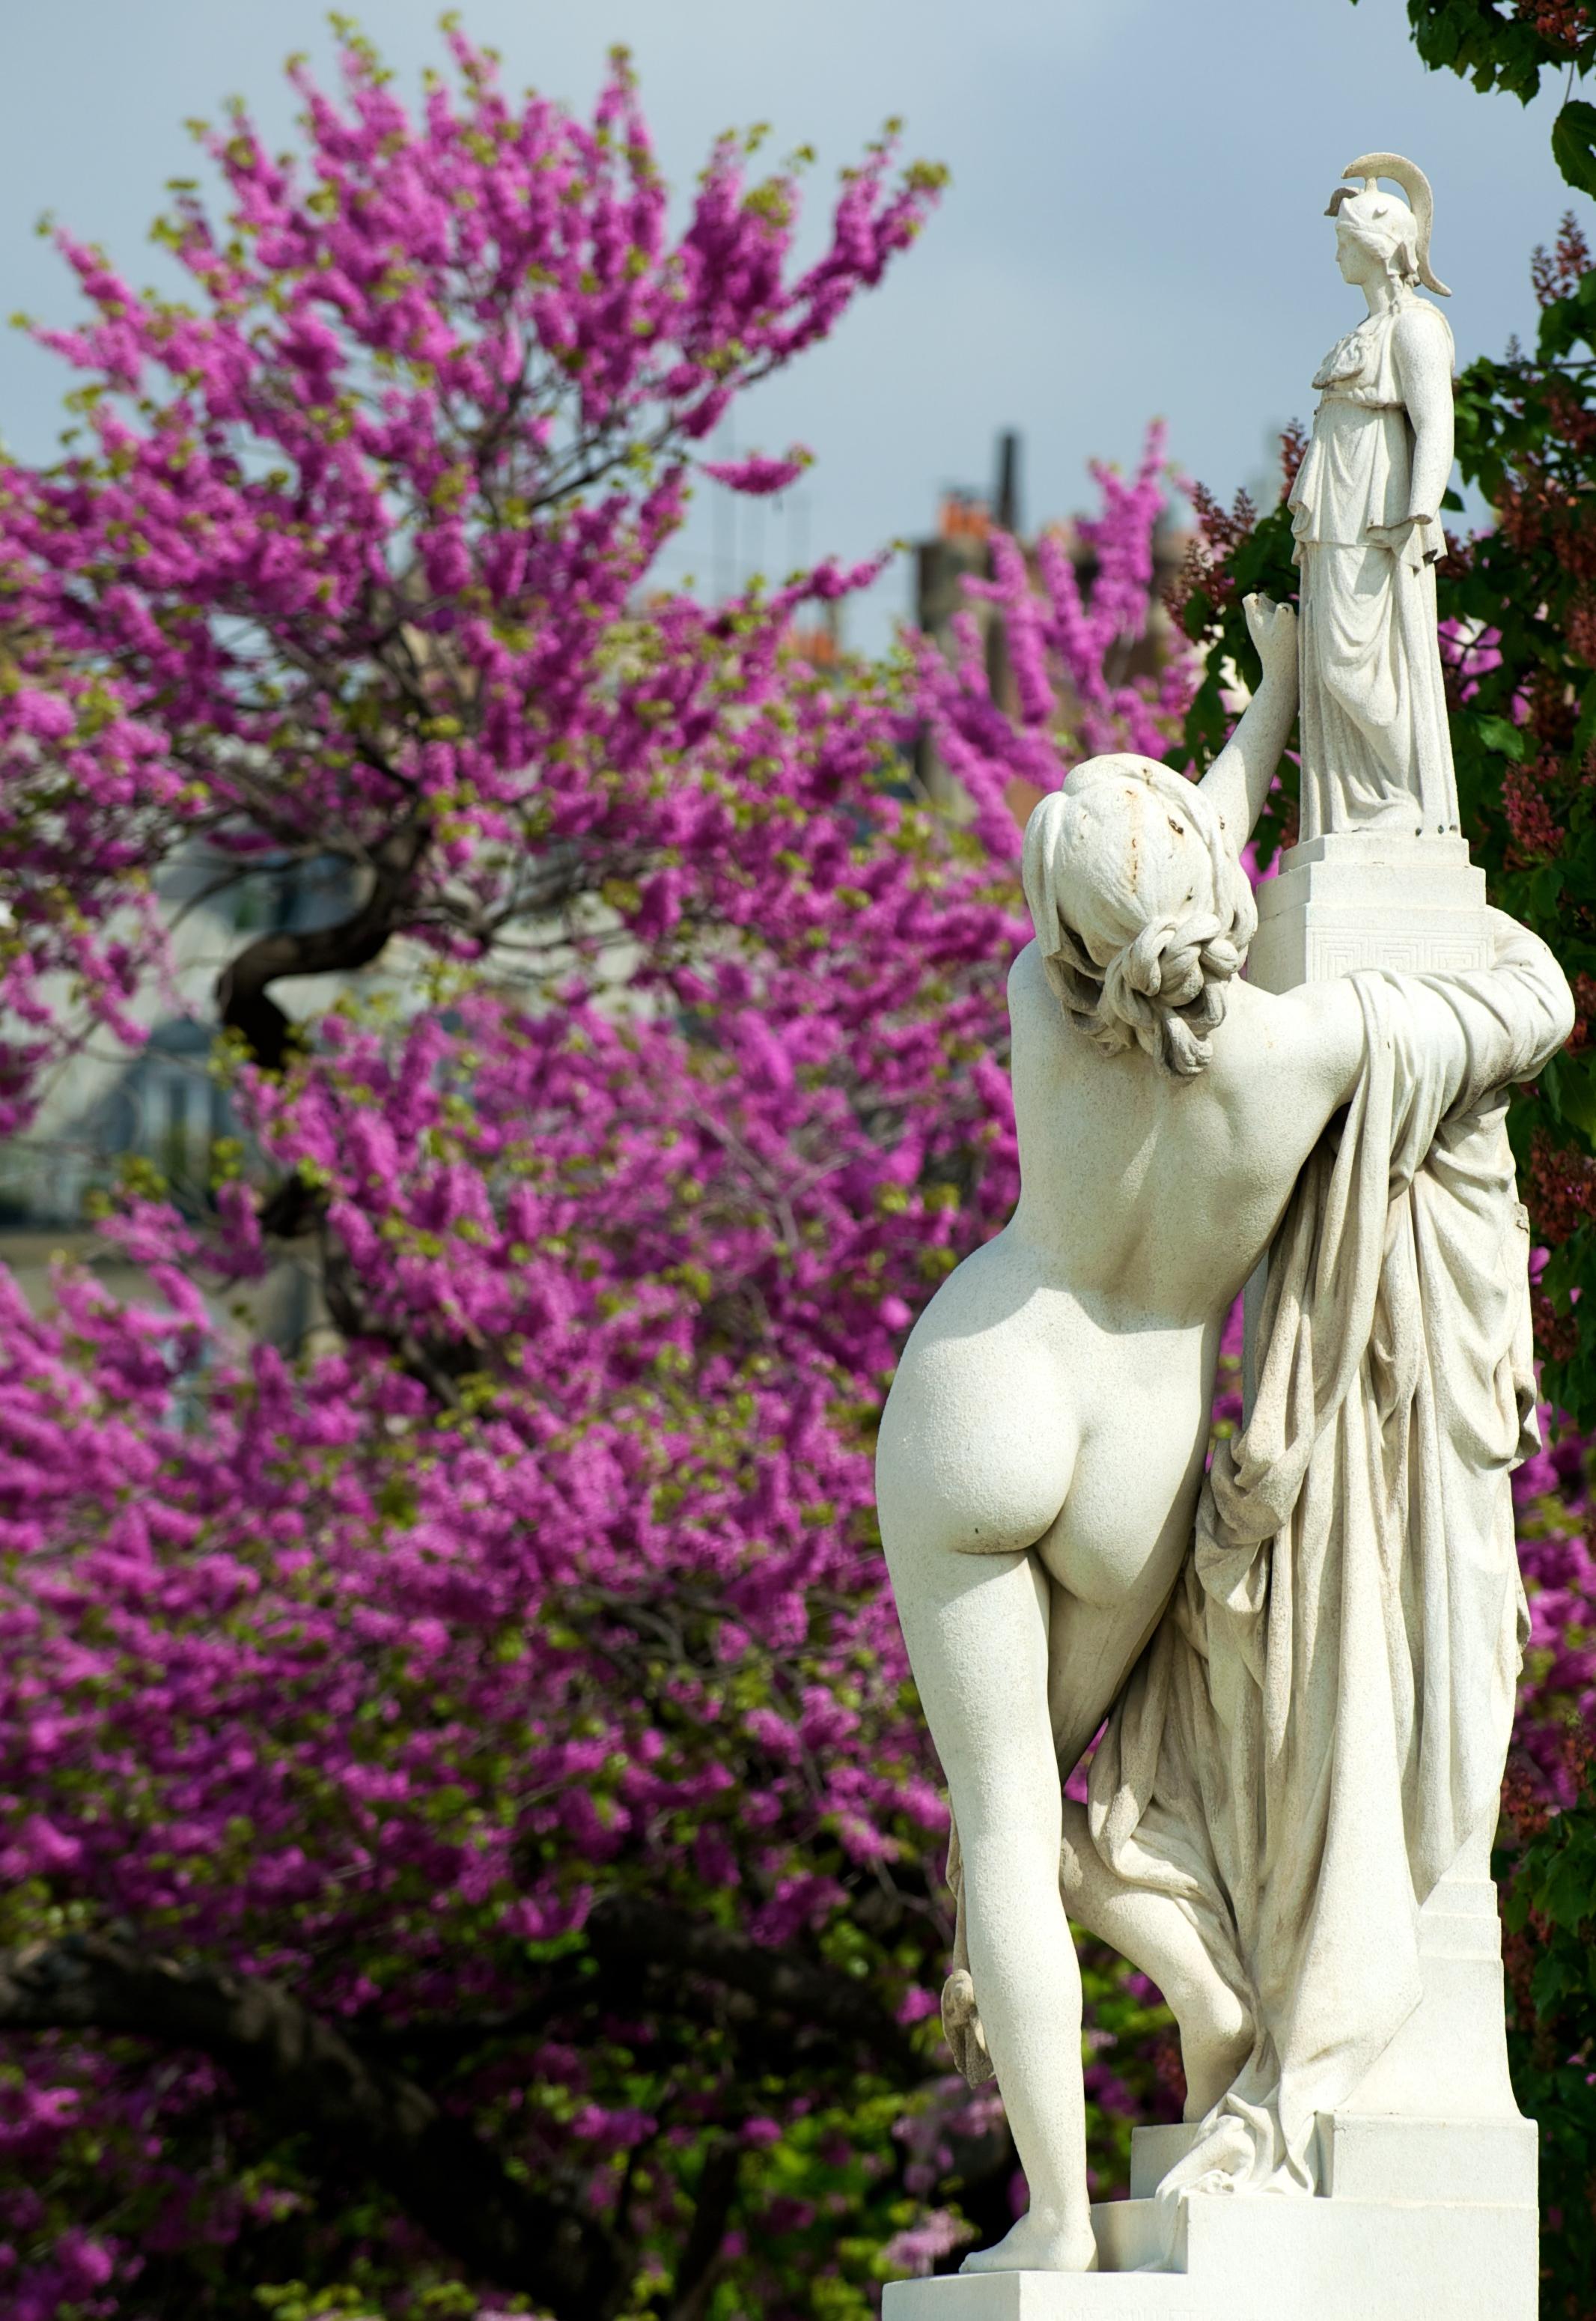 File statues 2 jardin des tuileries paris 2010 wikimedia commons - Statues jardin des tuileries ...